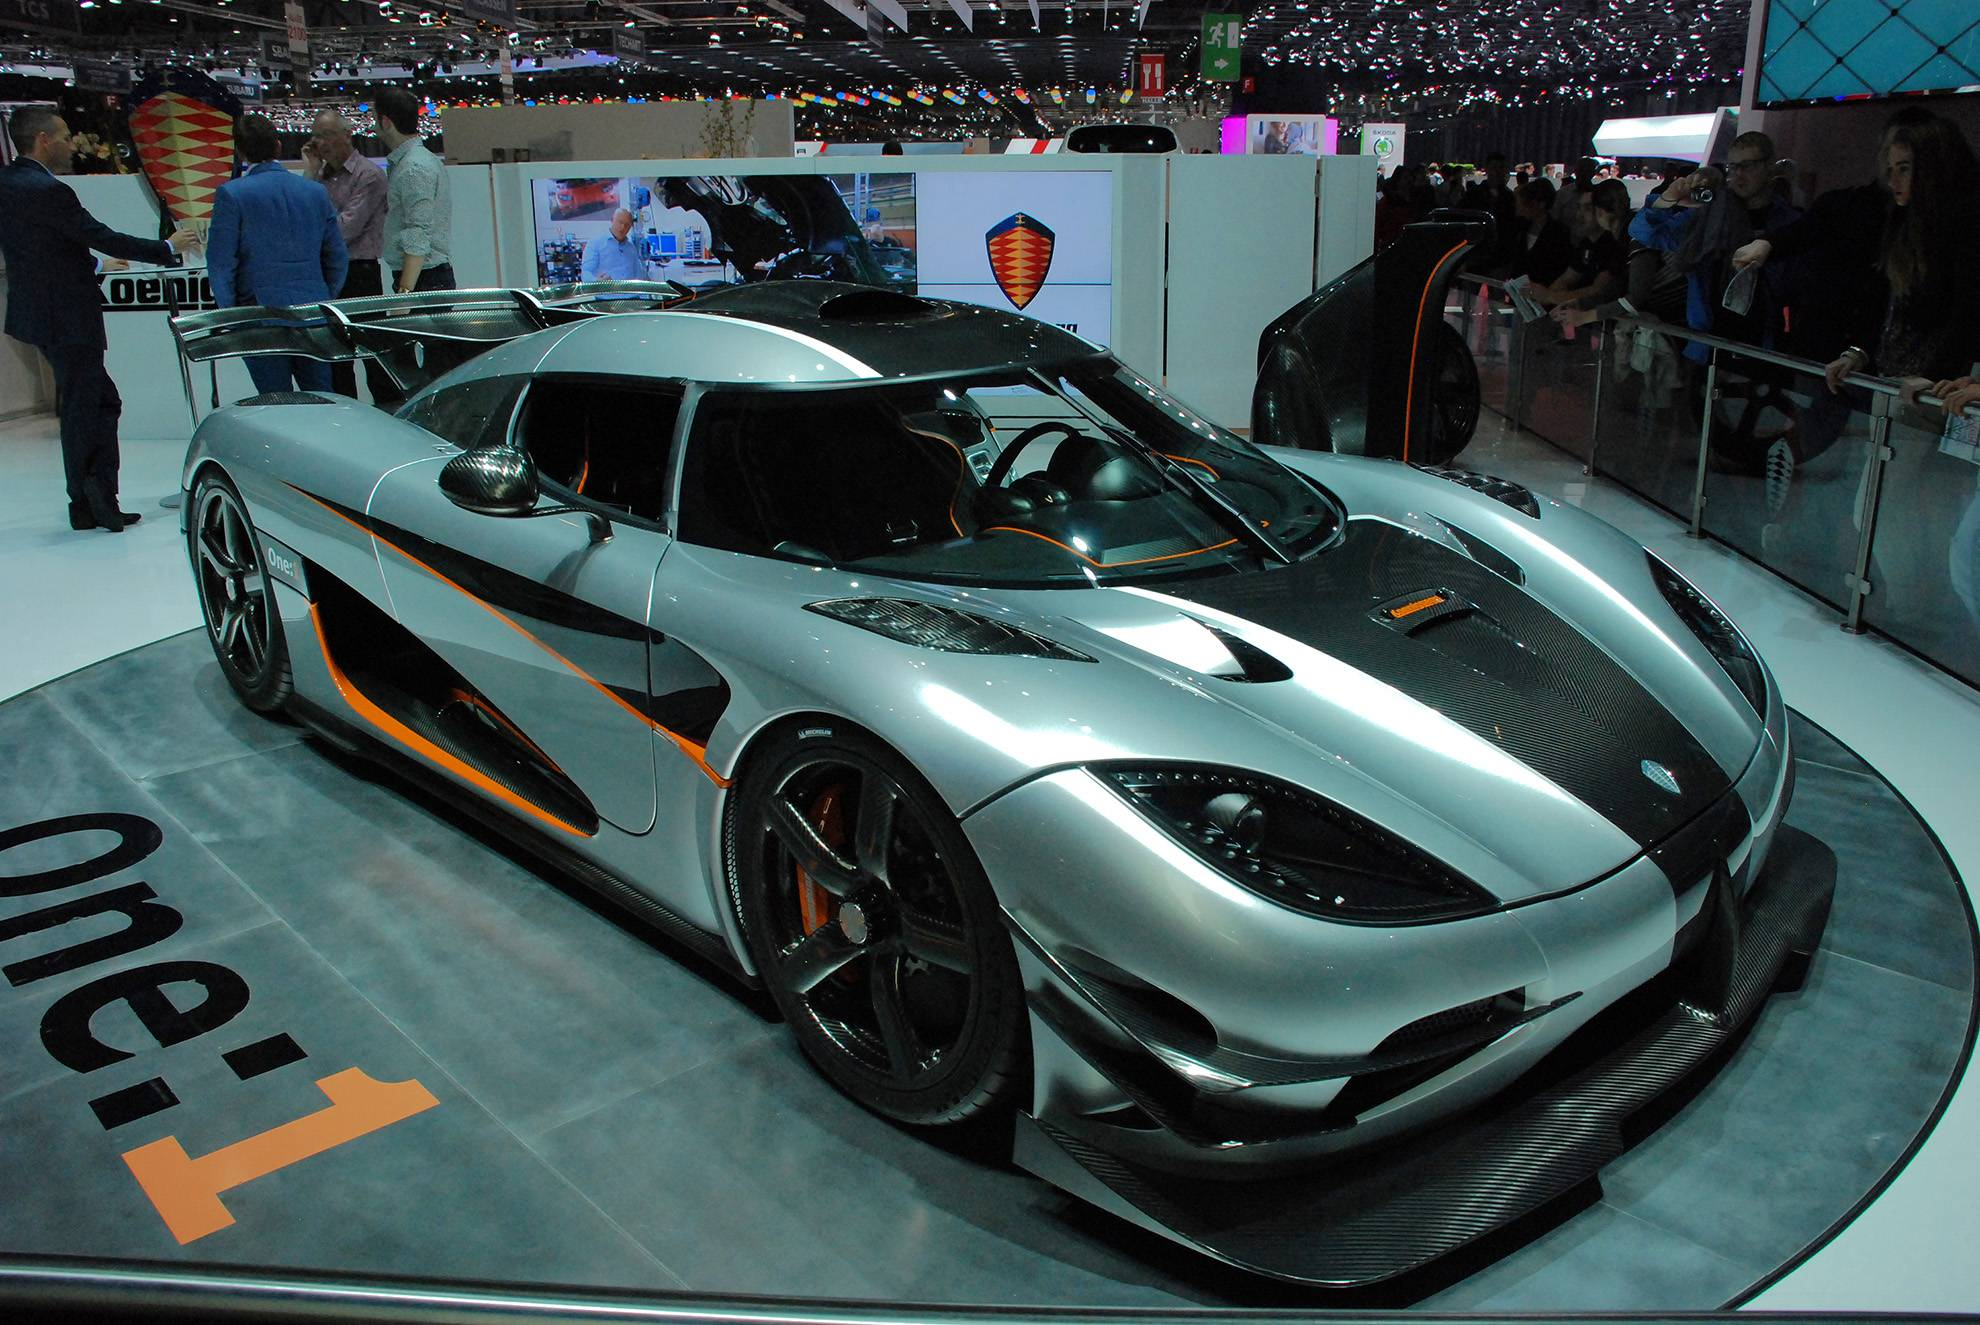 盘点五个顶级世界豪车品牌,迈巴赫上榜,第二款买得起修不起